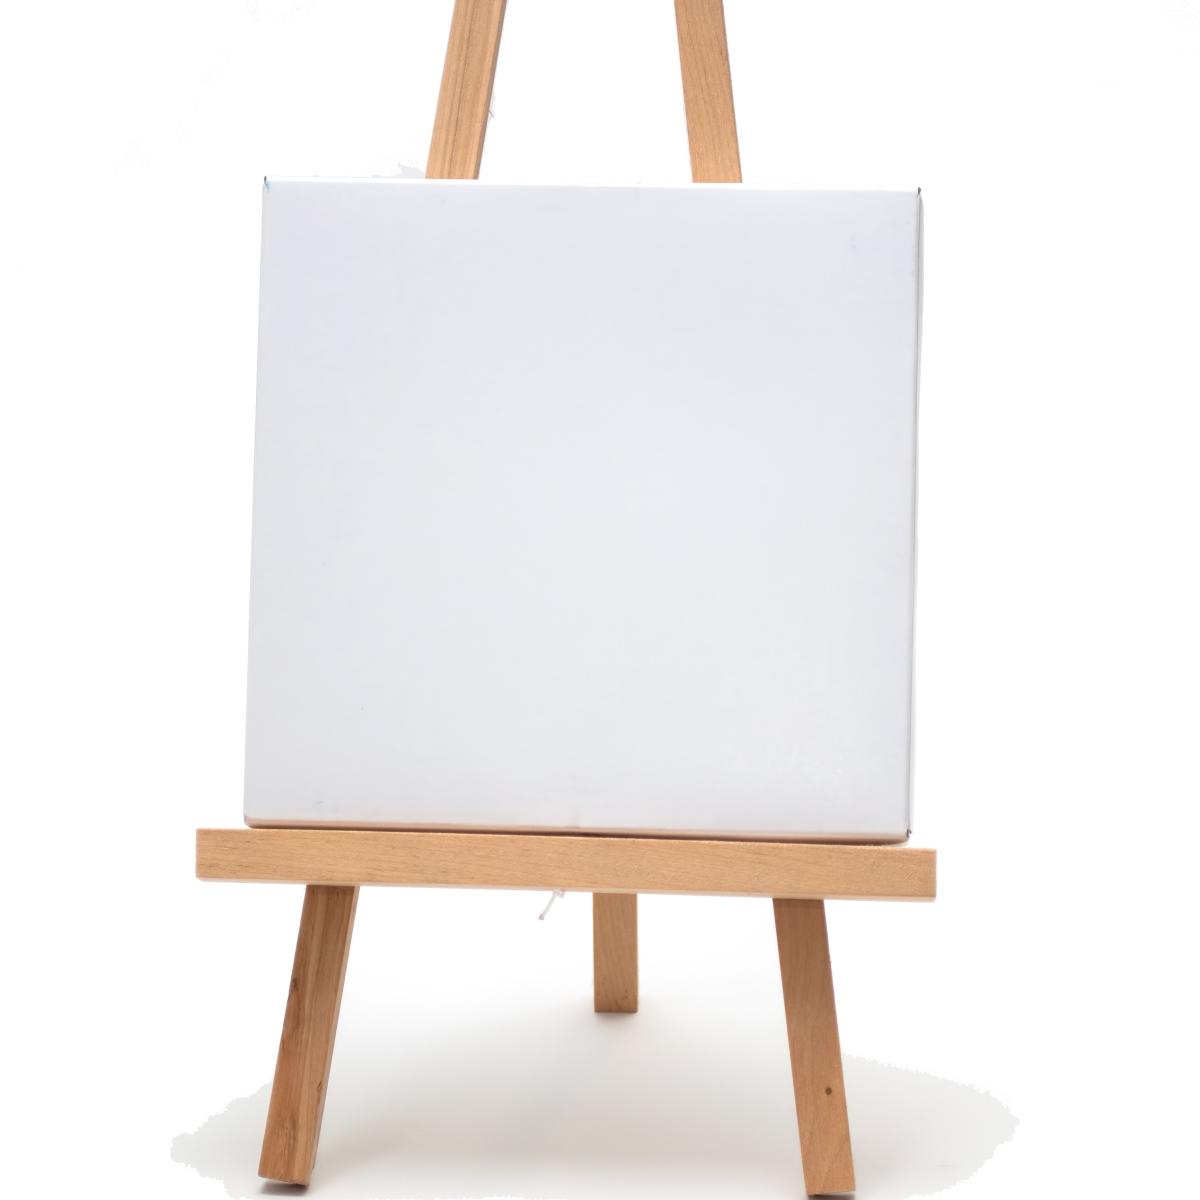 Medidas Universales de los lienzos y los bastidores | El Blog de ...